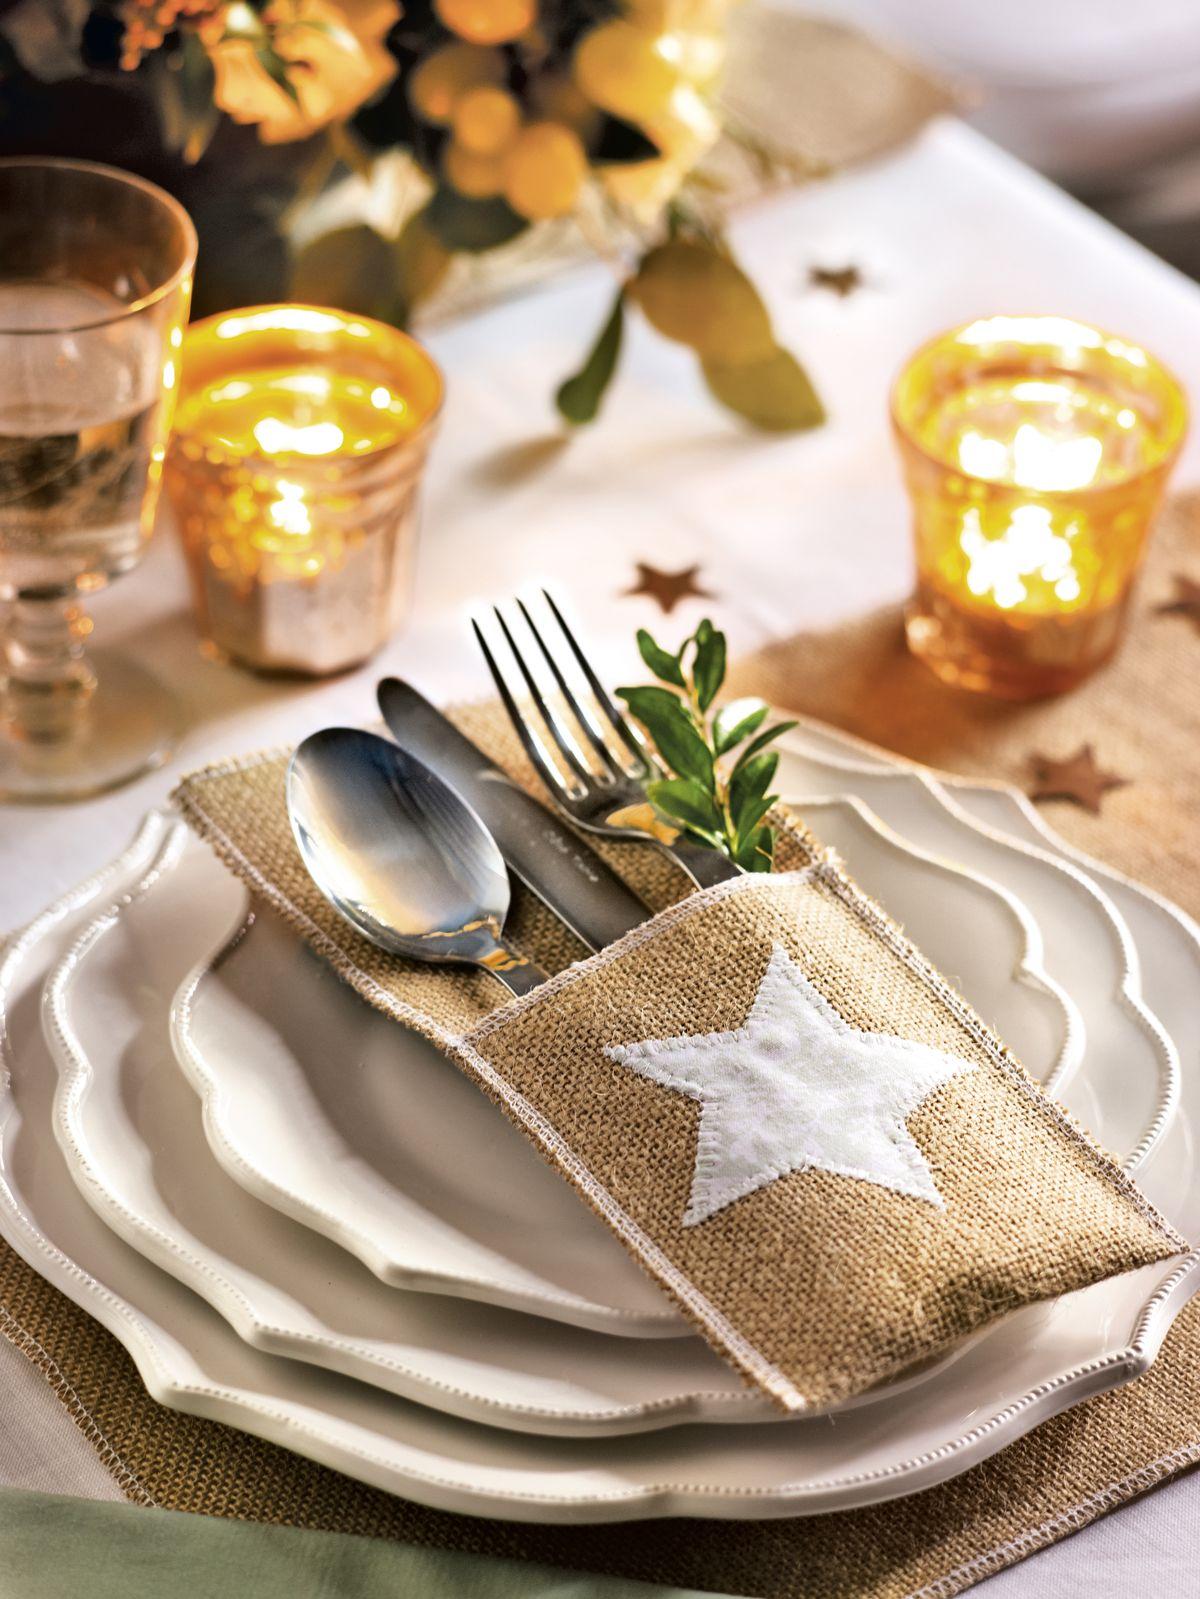 Servicio de mesa de navidad con una funda en tela de saco - Decoracion de mesas navidenas ...